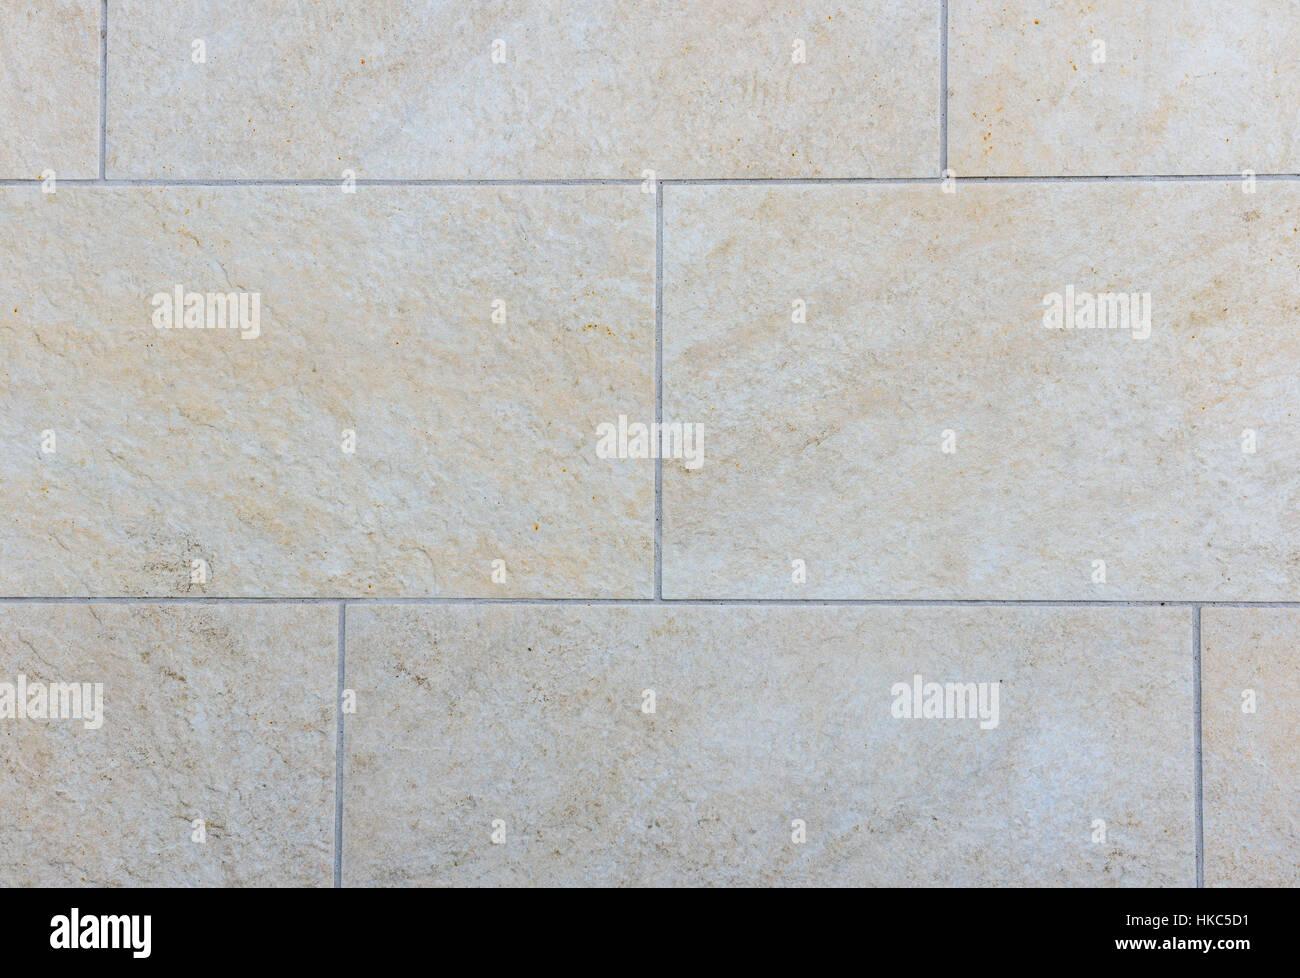 Verführerisch Bodenbeläge Terrasse Ideen Von Schmutzige Fliesen. Bild Von Außen Bodenbelag Mit